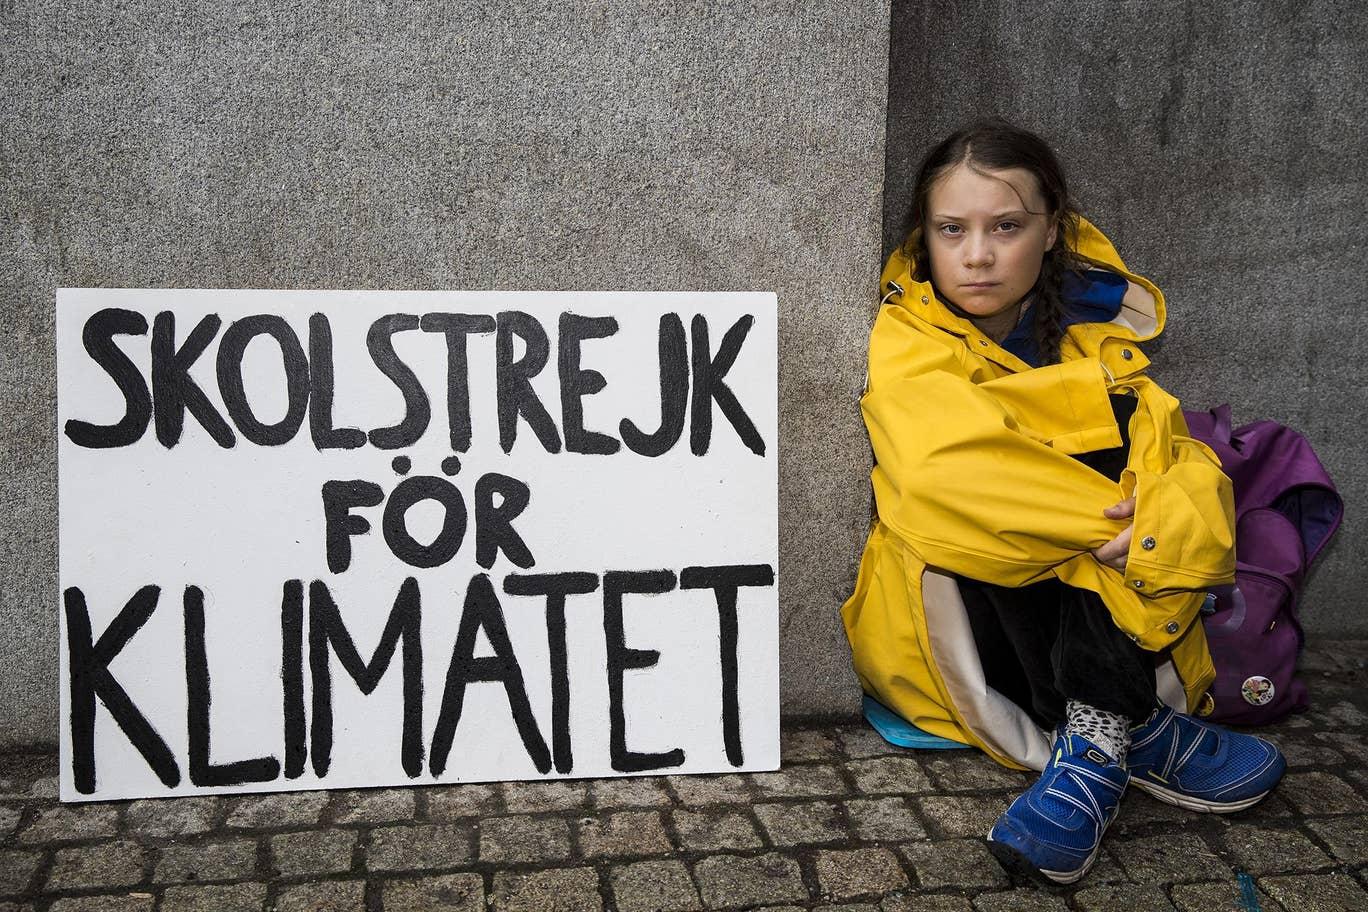 Greta Thunberg Tantang Pemimpin Dunia Tangani Perubahan Iklim Melalui Gerakan #FridayForFuture dan #SchoolStrikeForClimate